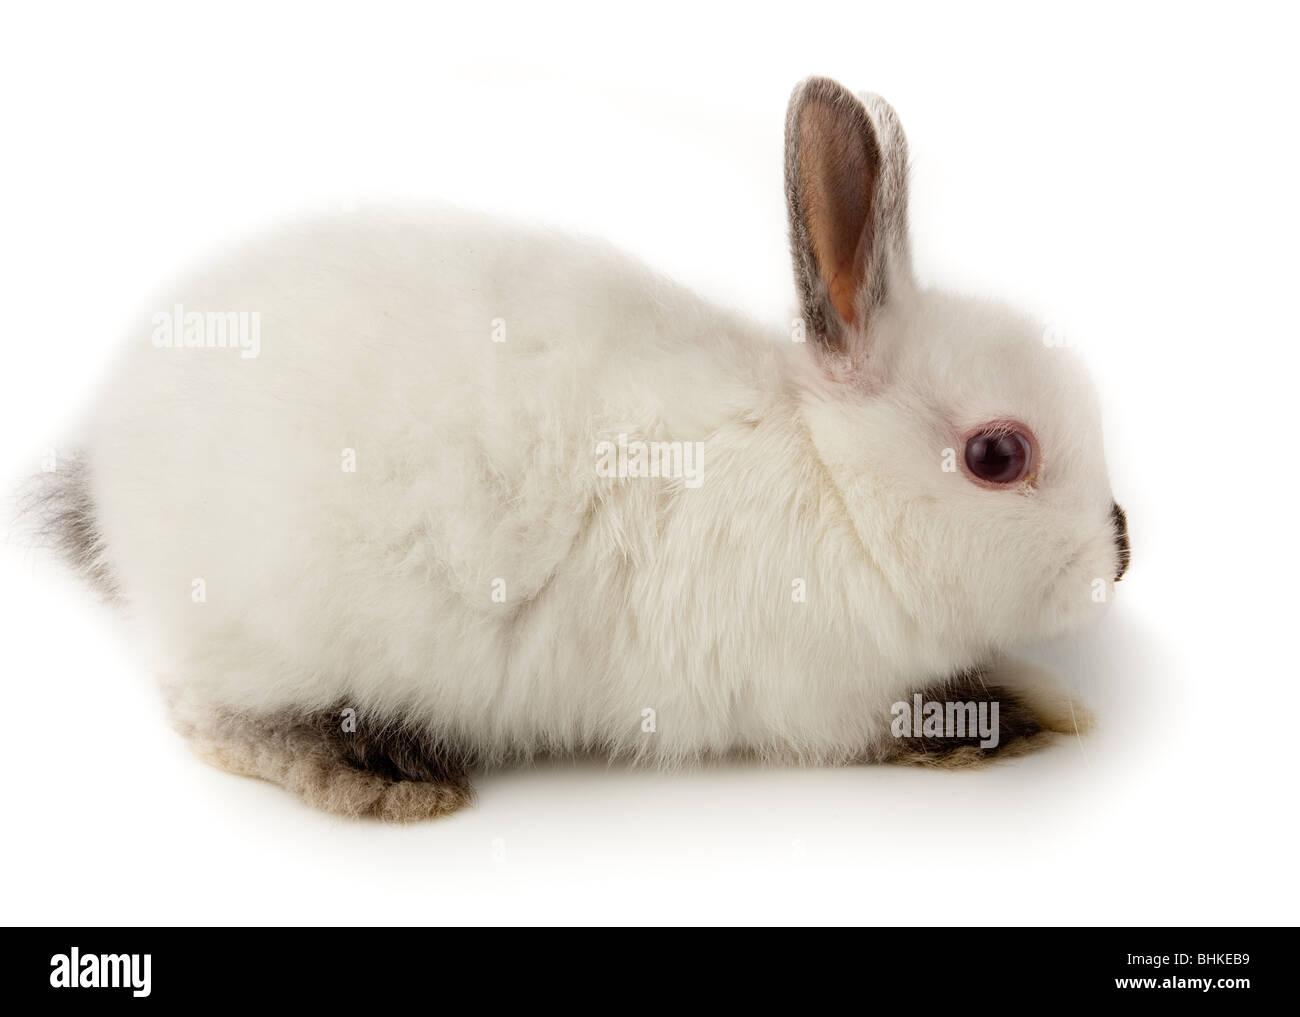 Joli lapin blanc. C'est découper sur un fond blanc. Photo Stock